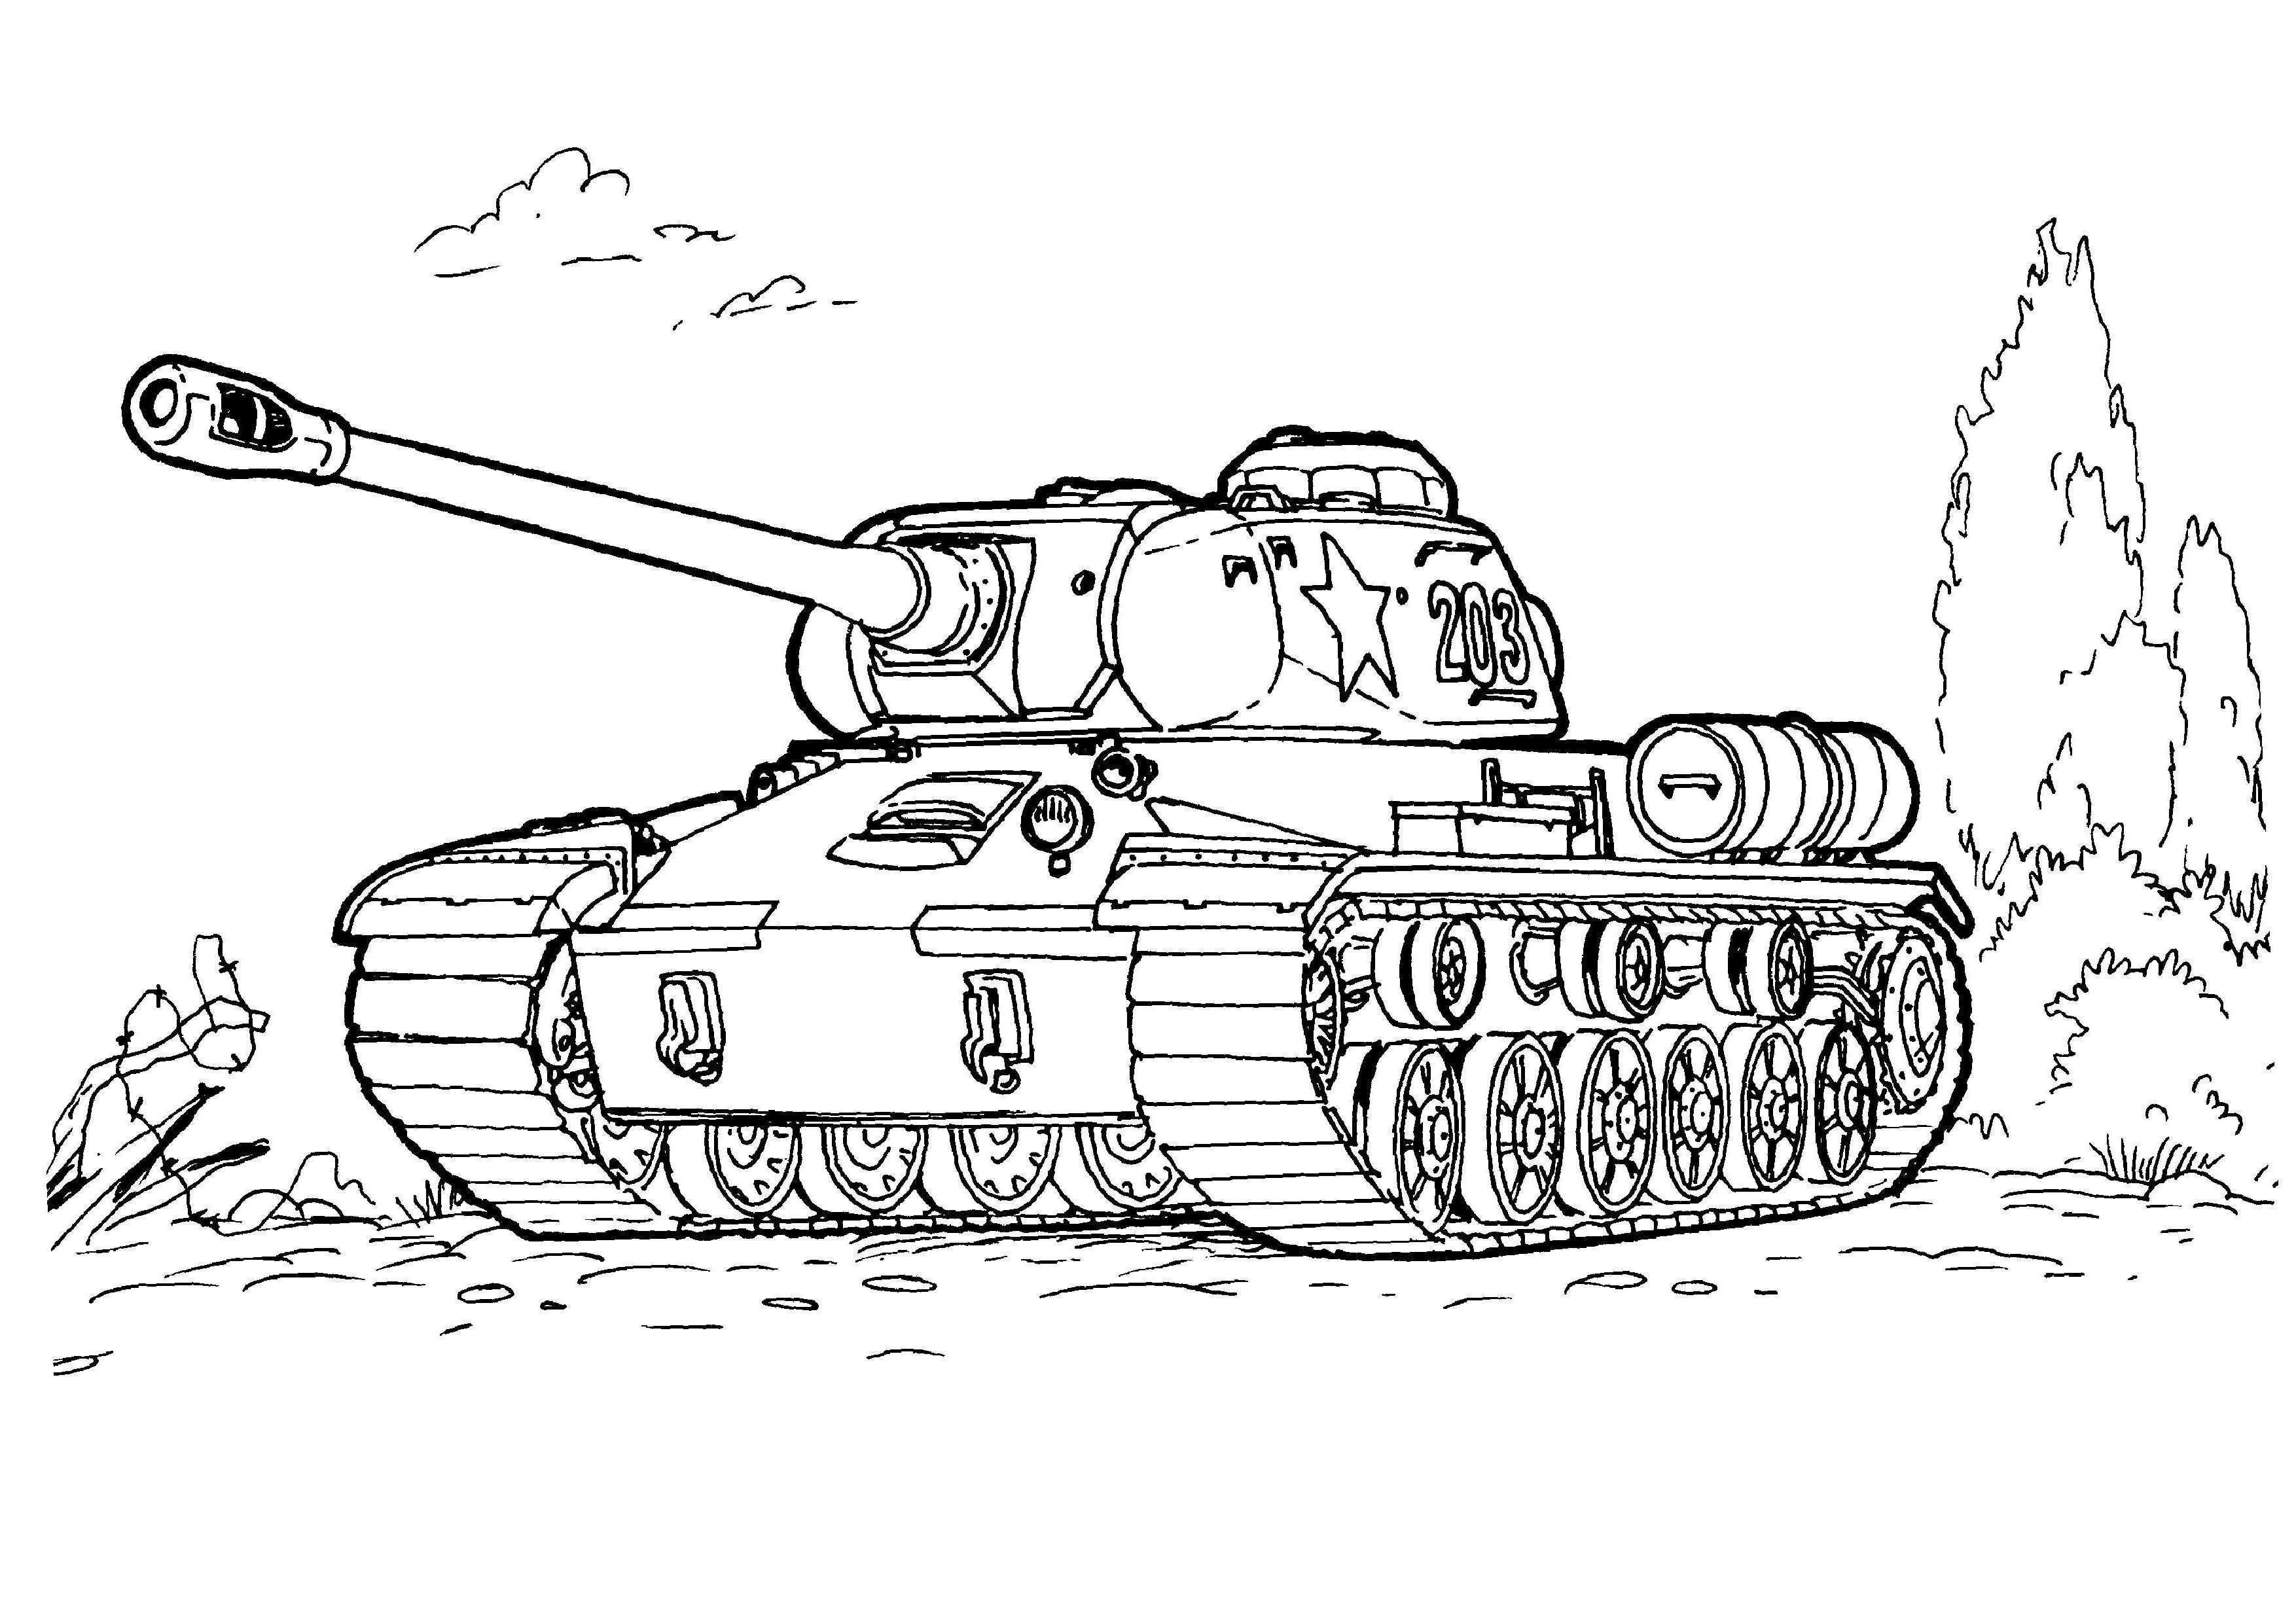 Eerste Wereldoorlog Moderne Tank Nee Wo2 Tweede Wereldoorlog Een Amerikaanse Tank Als Kleurplaat Leuk Kleurplaten Voor Kinderen Tank